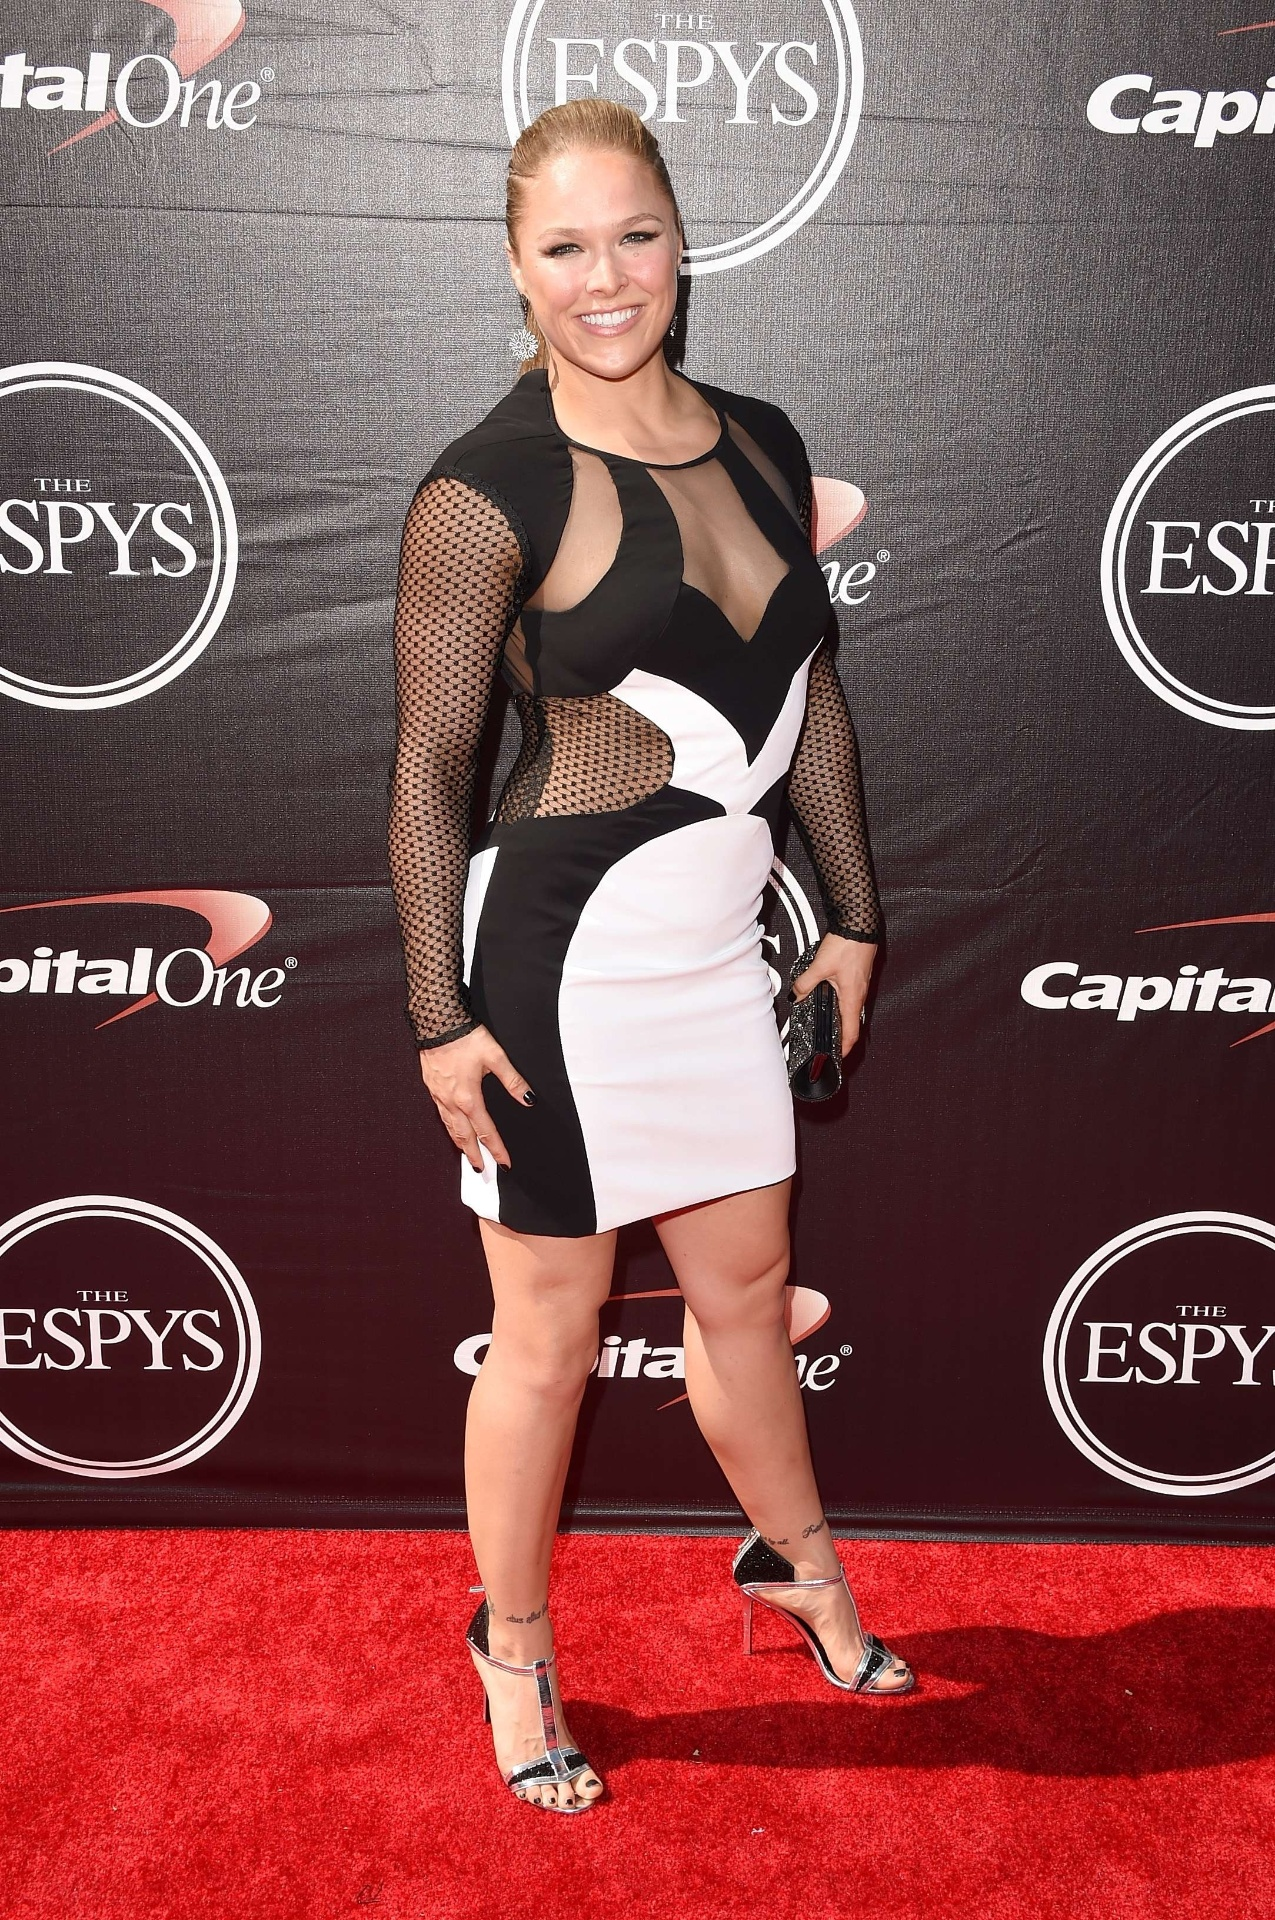 Ronda Rousey recebe prêmio ESPY e aproveita para 'alfinetar' Maywheater